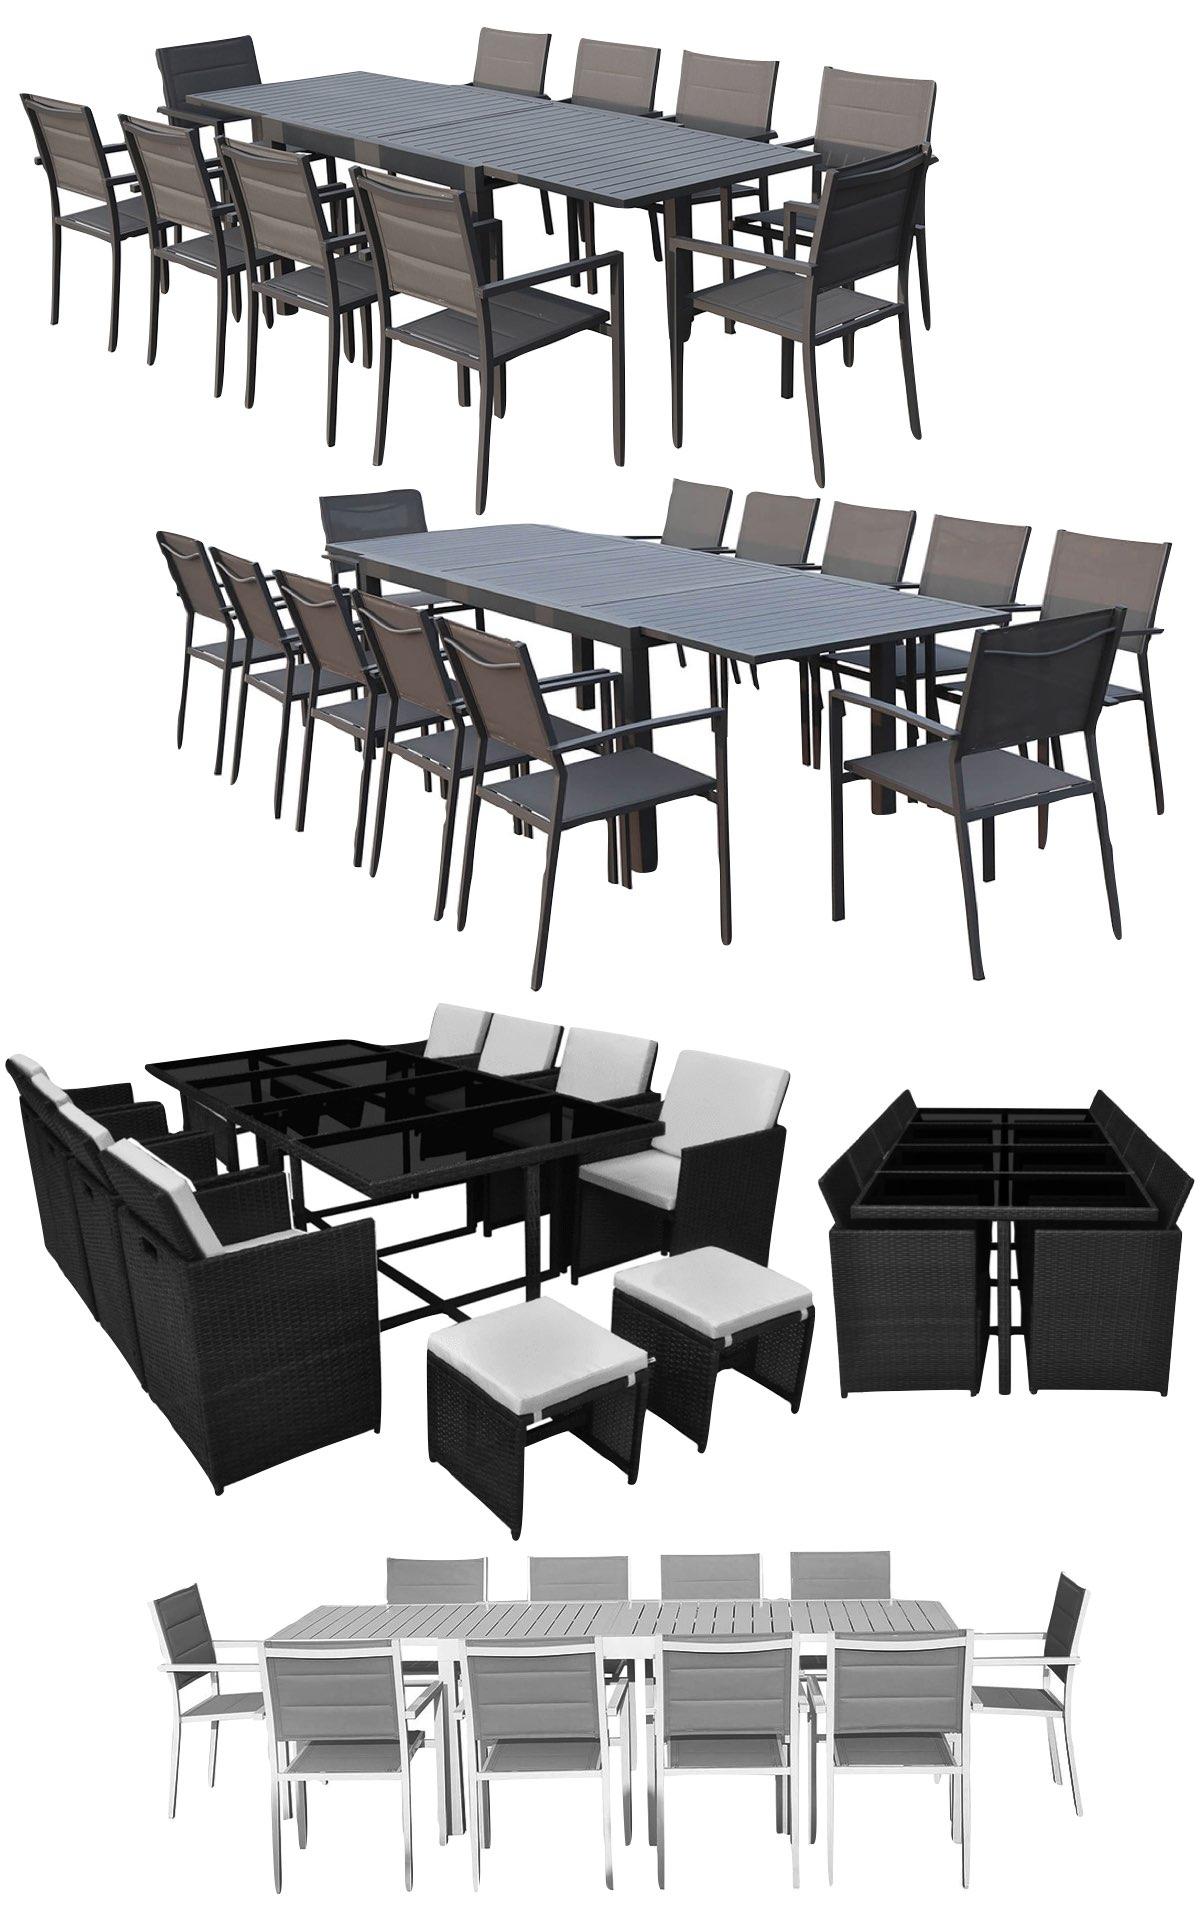 vente privée jardin table extensible extérieure chaise empilable encastrable alu résine tressé plastique osier imitation rotin